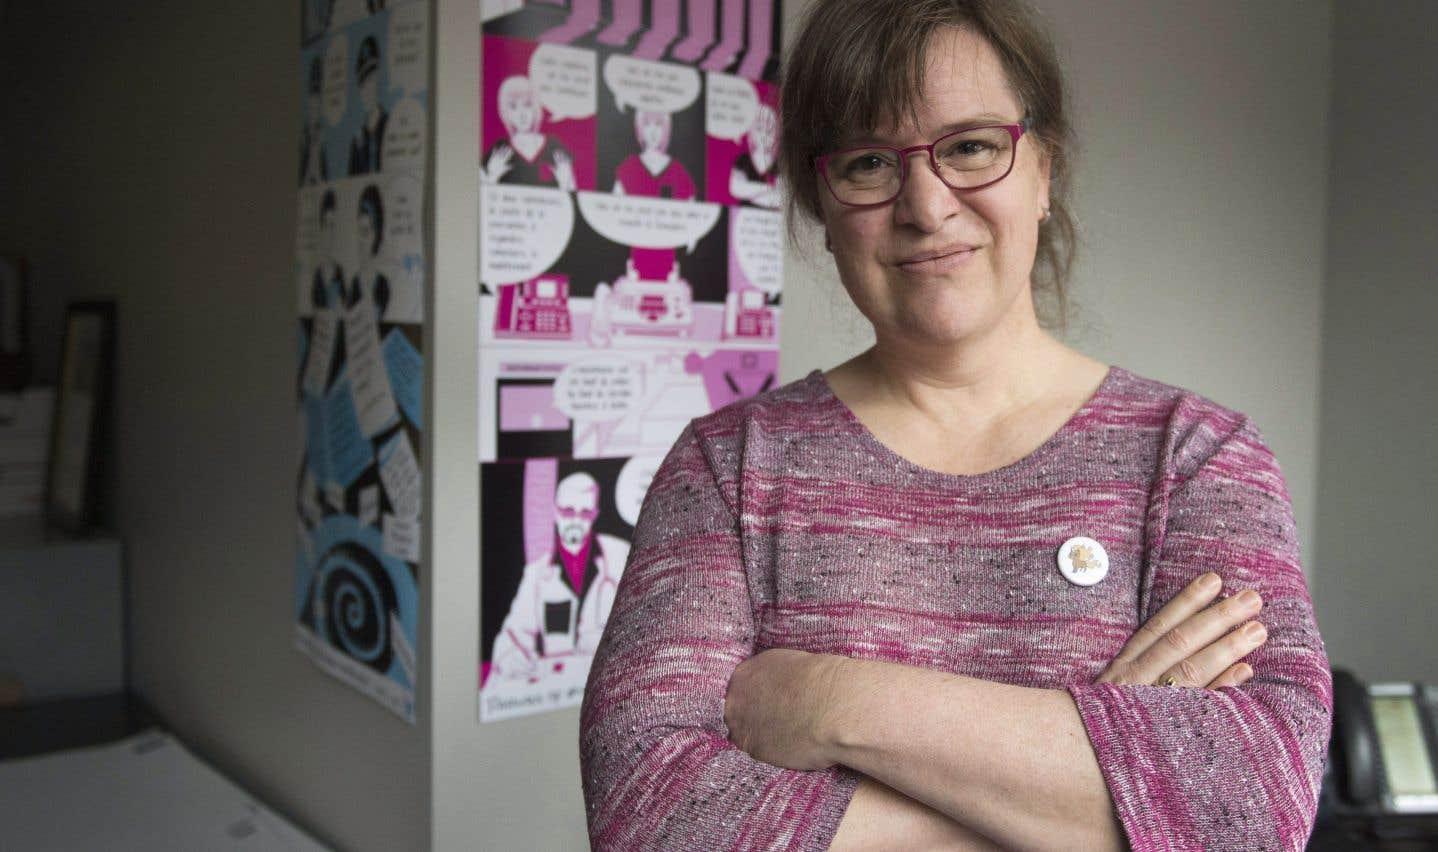 Gabrielle Bouchard est la première femme trans a être élue à la présidence de la Fédération des femmes du Québec.